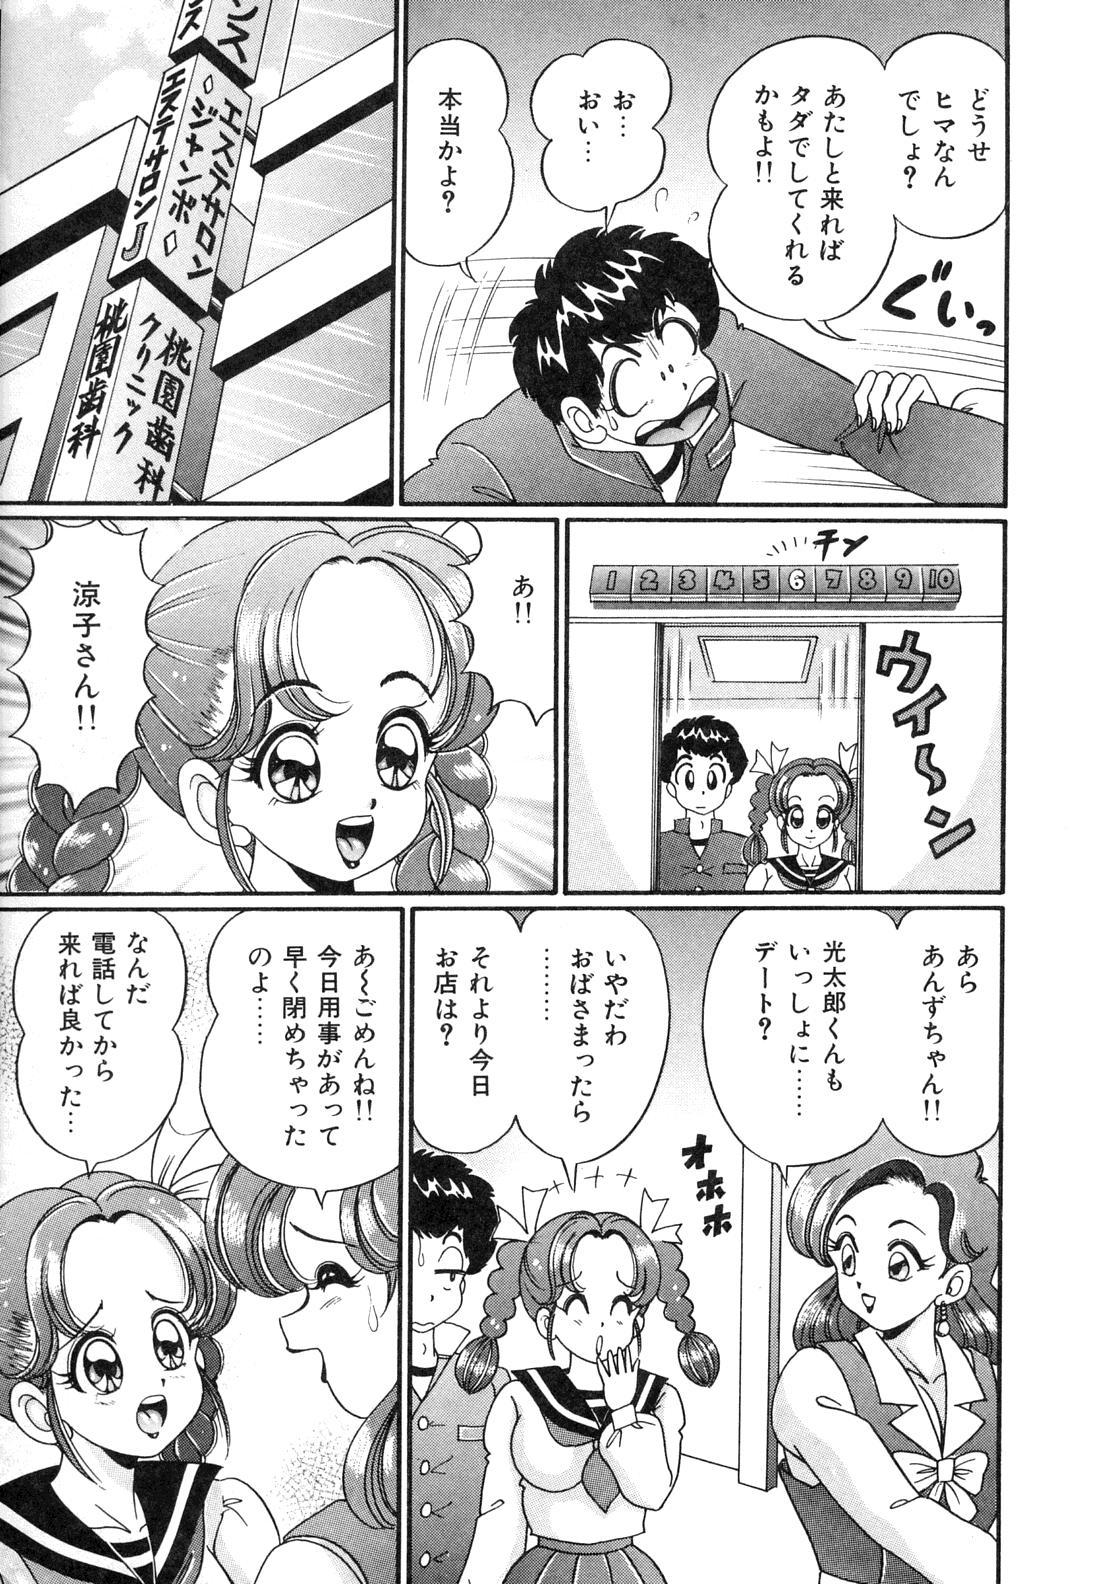 [Watanabe Wataru] Tonari no Onee-san - Sister of Neighborhood 153